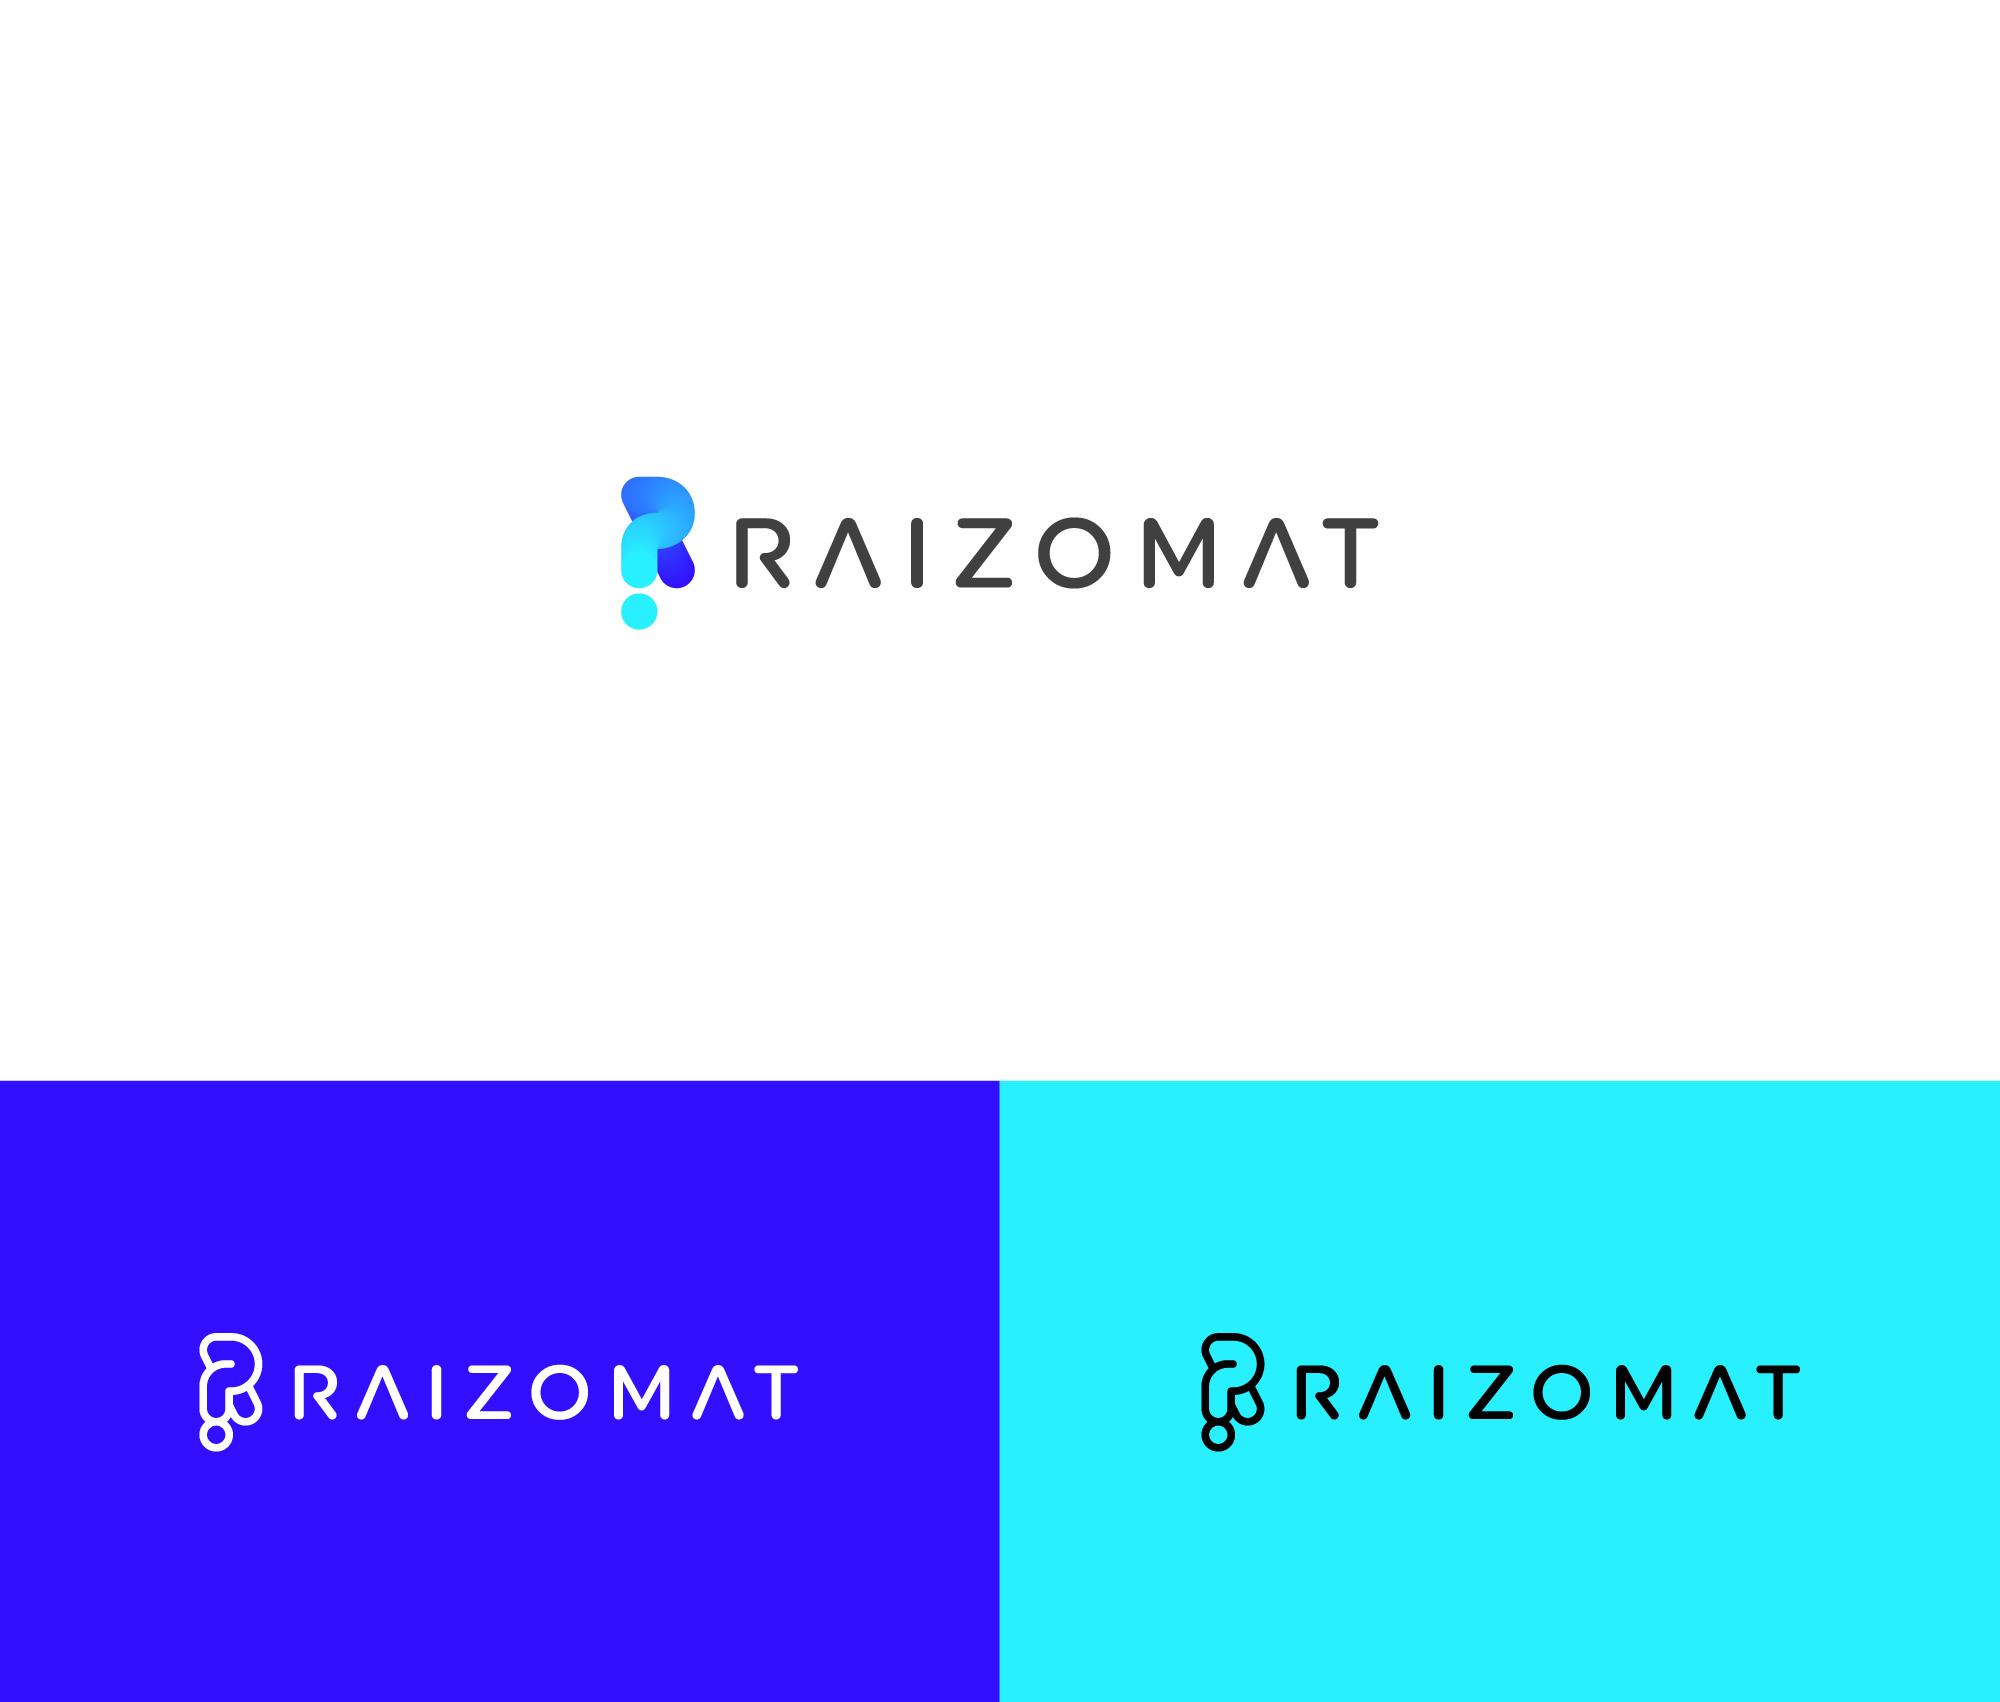 Raizomat-Logos-H-WhiteBG-2K-q80-01